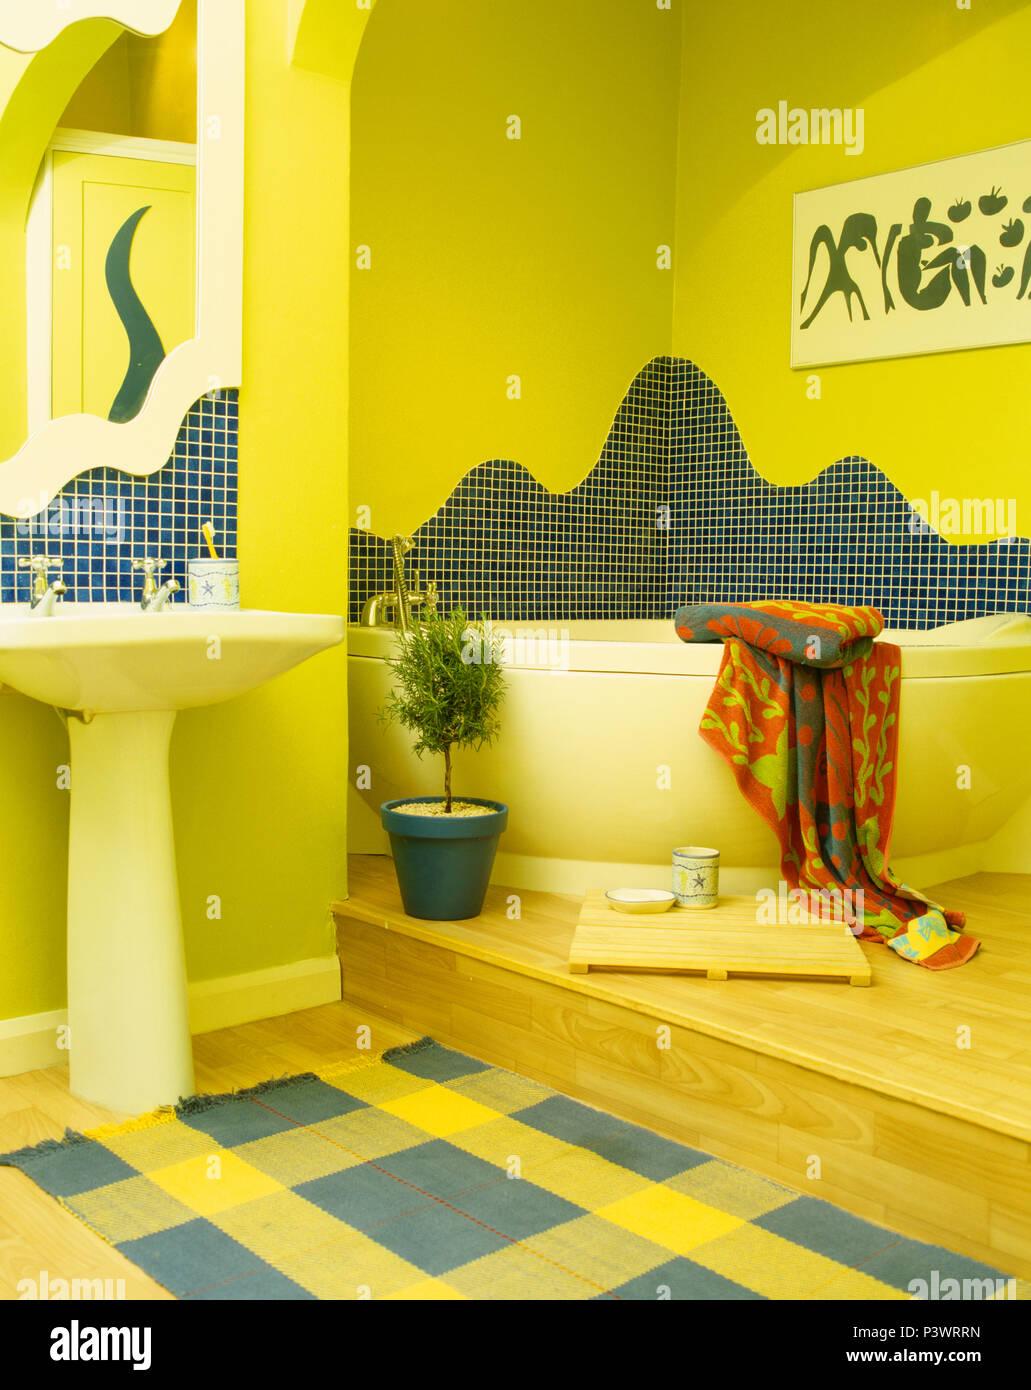 Mosaikfliesen Oben Eckbadewanne In Gelb Auf 2 Ebenen Badezimmer Mit